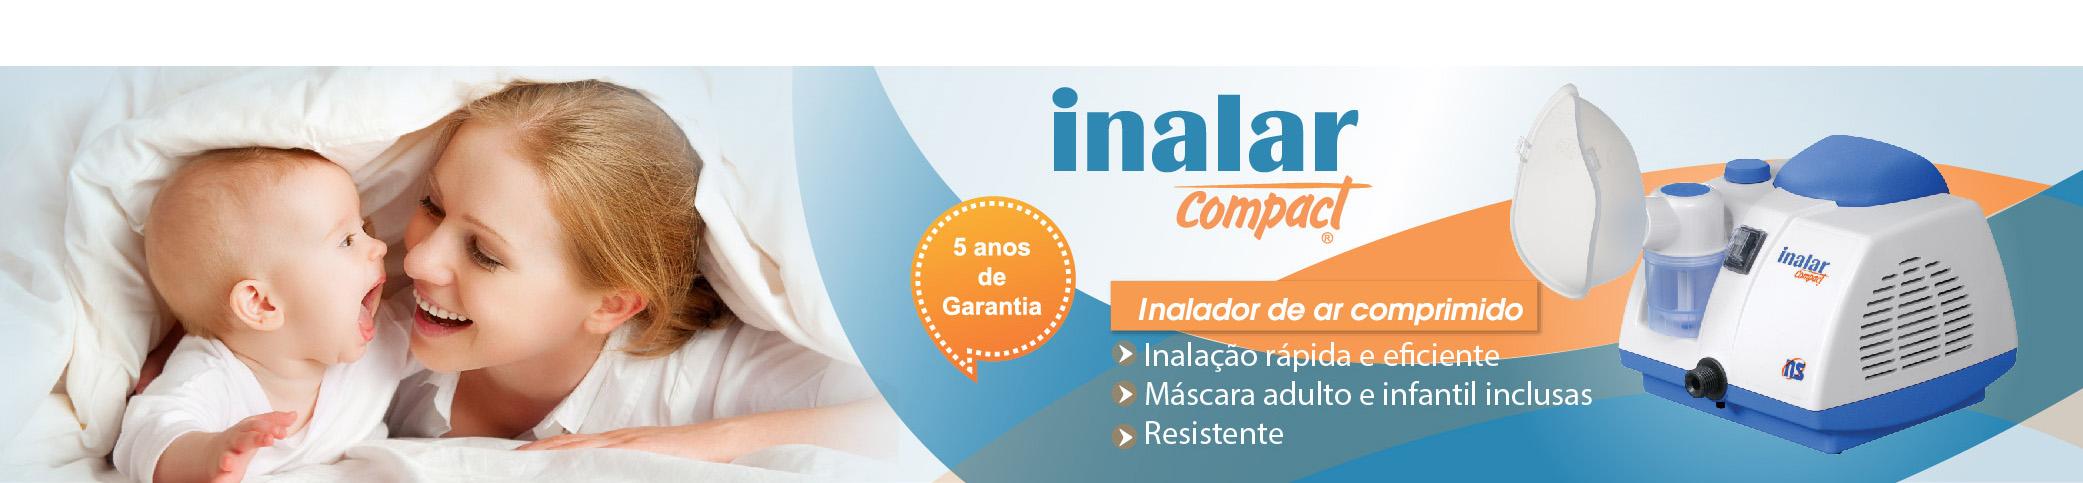 Inalar